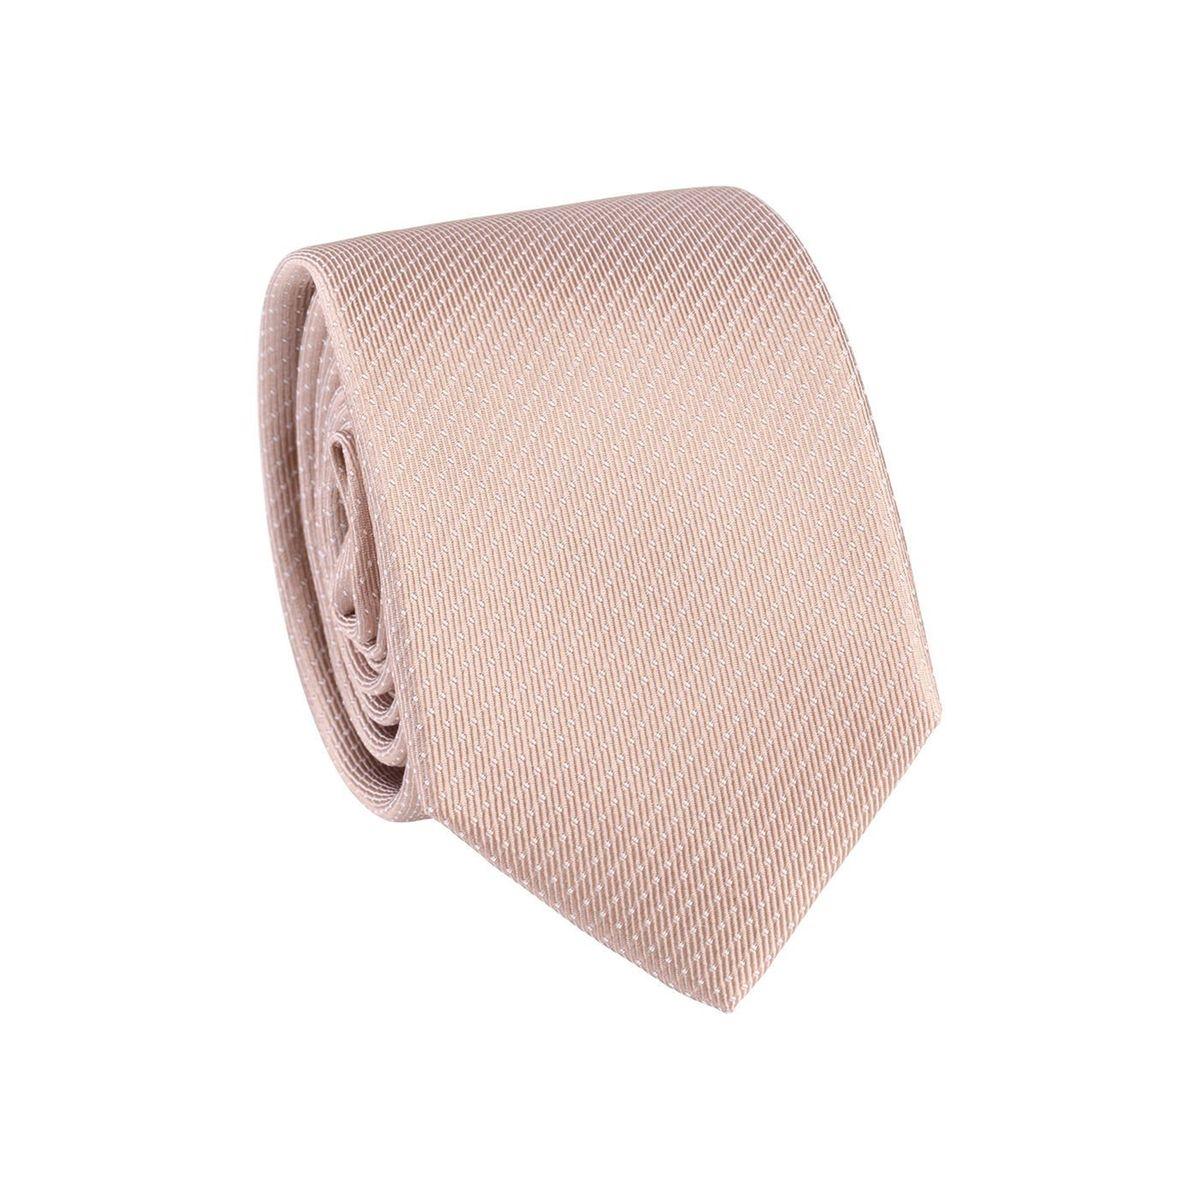 Cravate homme pois Camel / Blanc